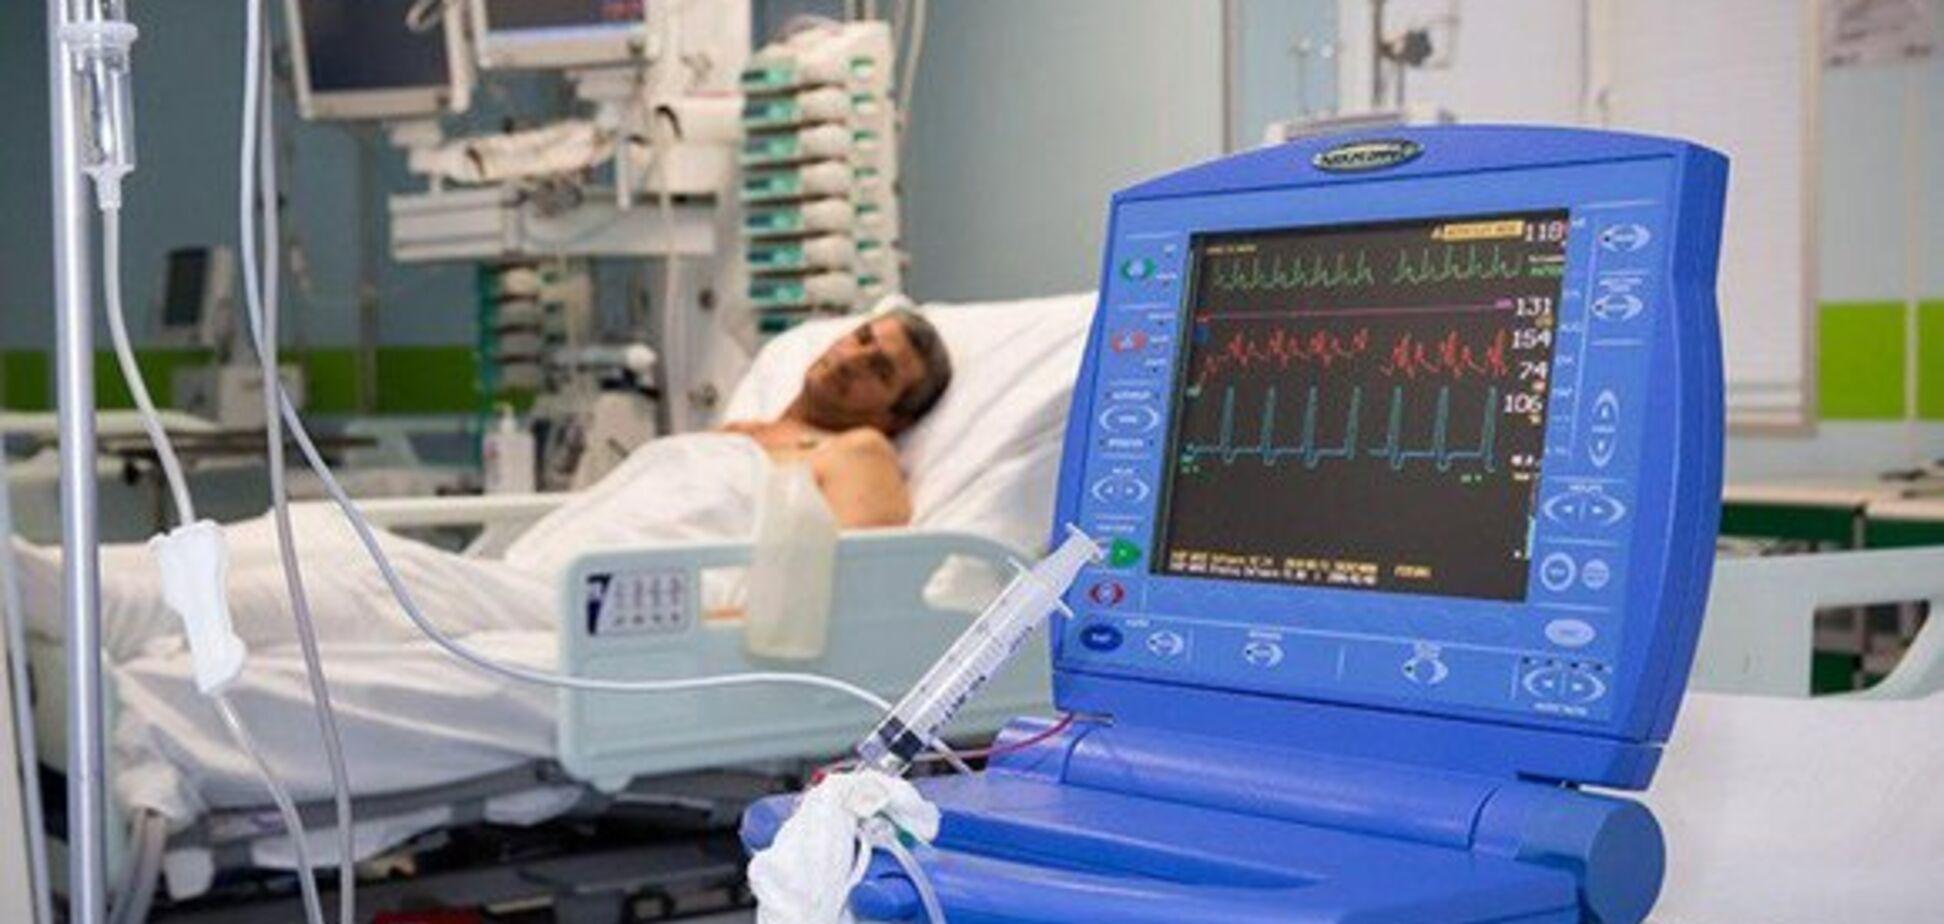 Лечение пациентов с COVID-19: что делают врачи?